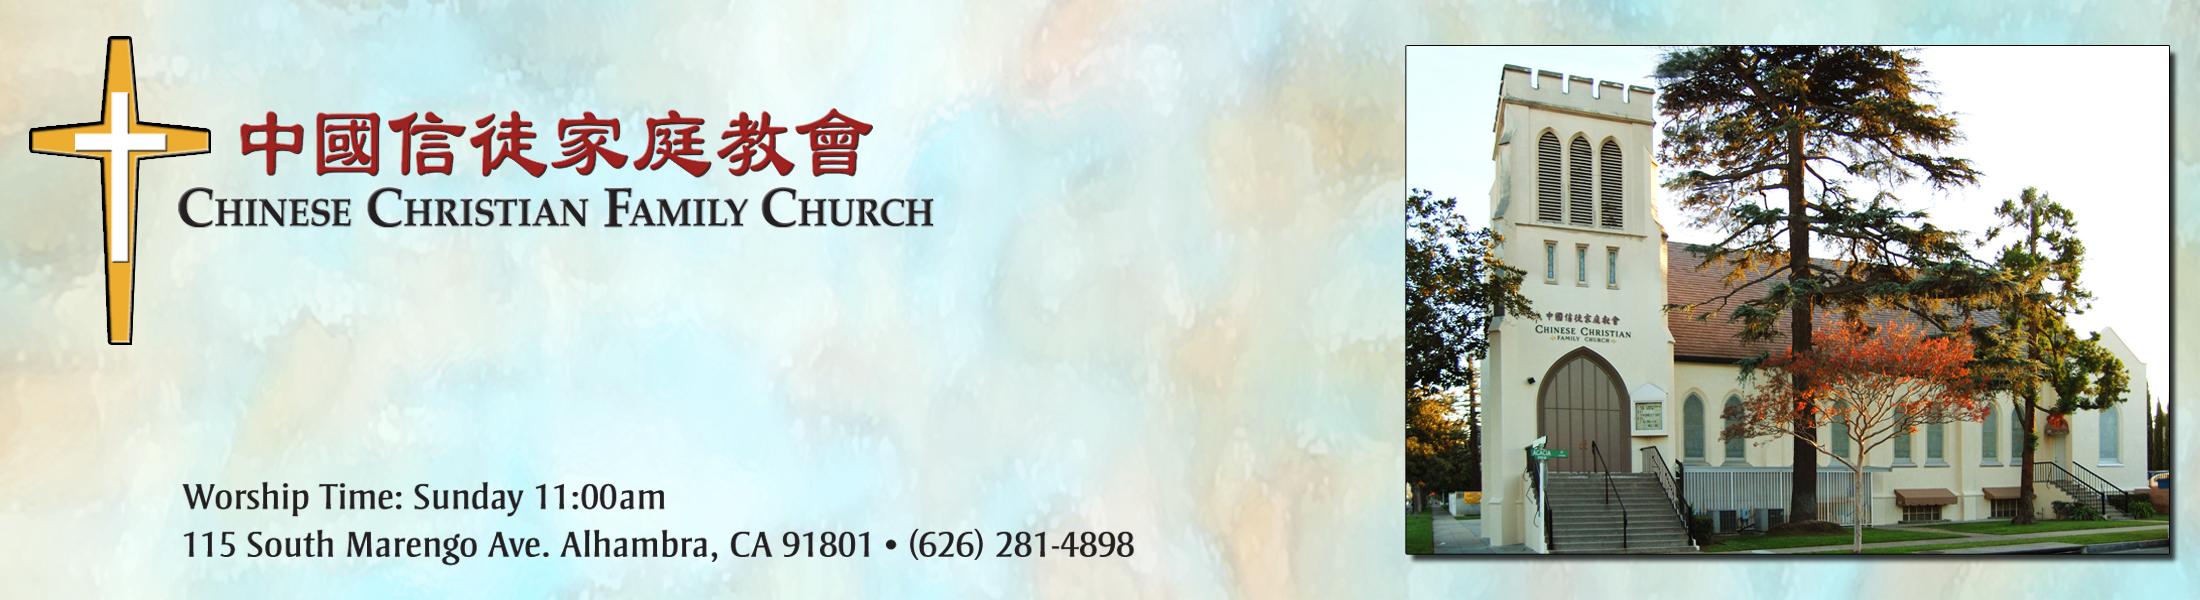 中國信徒家庭教會 CCFCalh